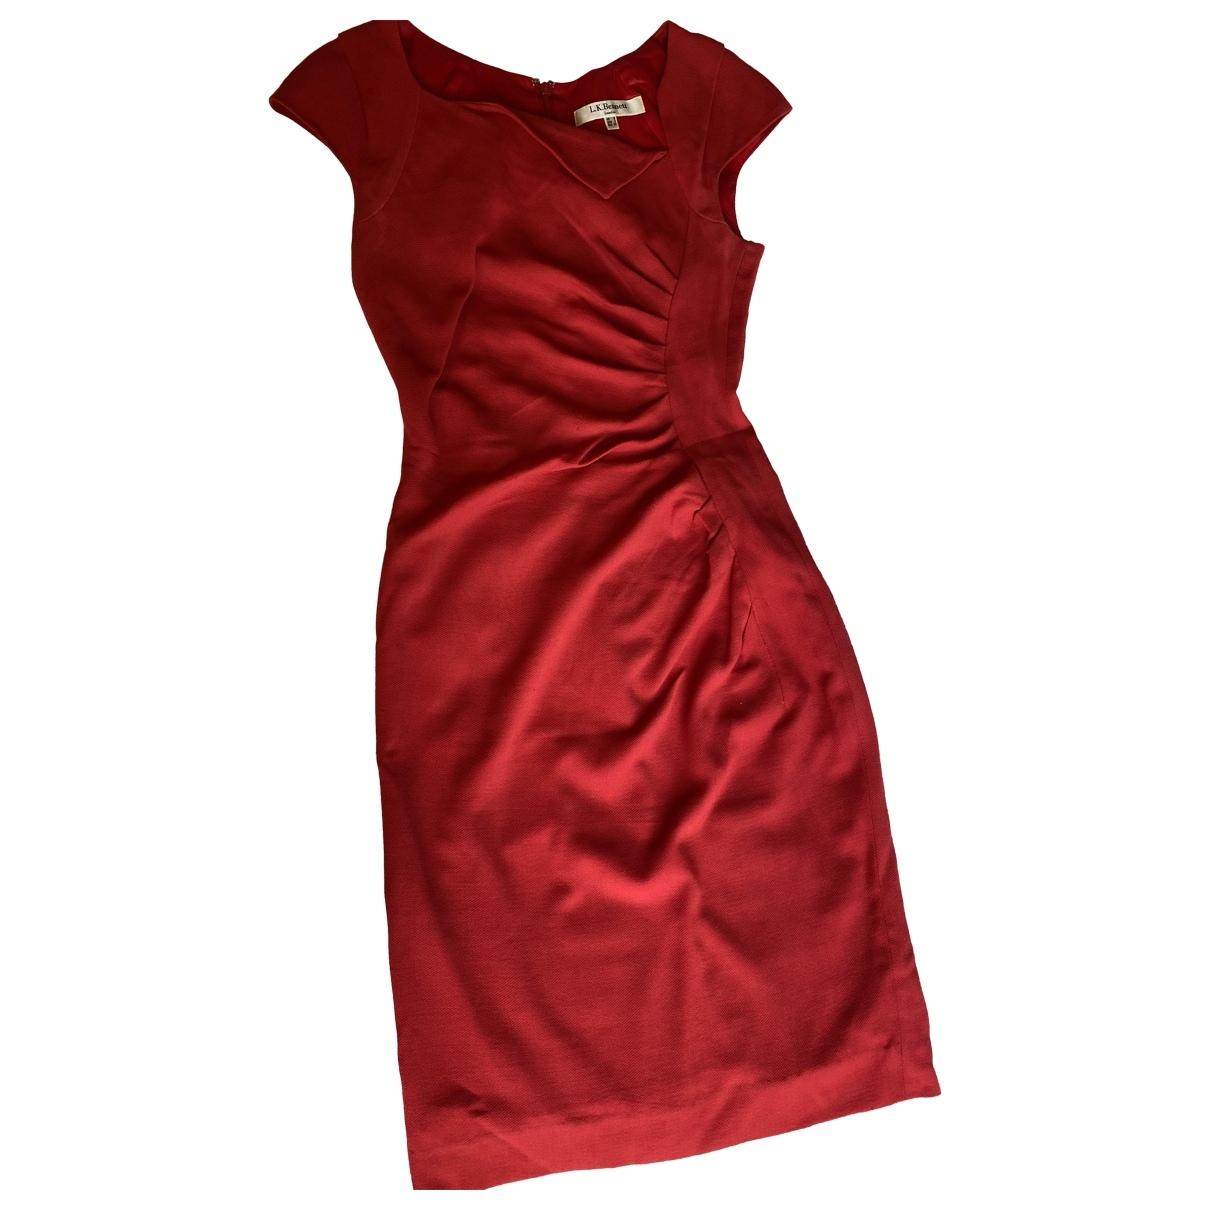 Lk Bennett \N Red Wool dress for Women 6 UK